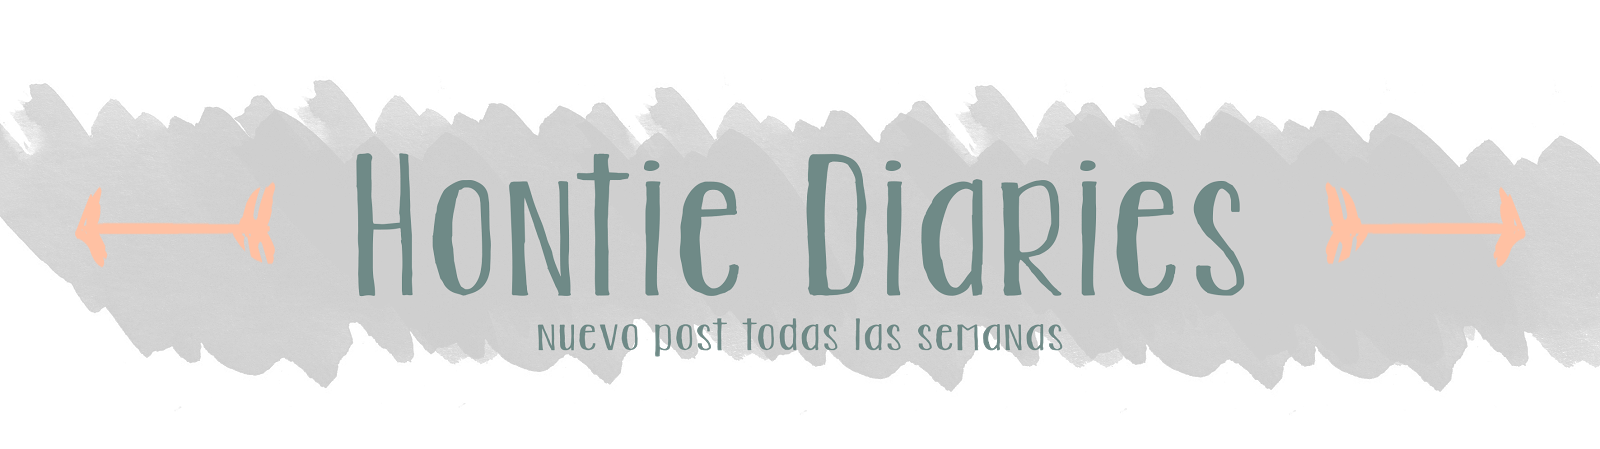 Hontie Diaries